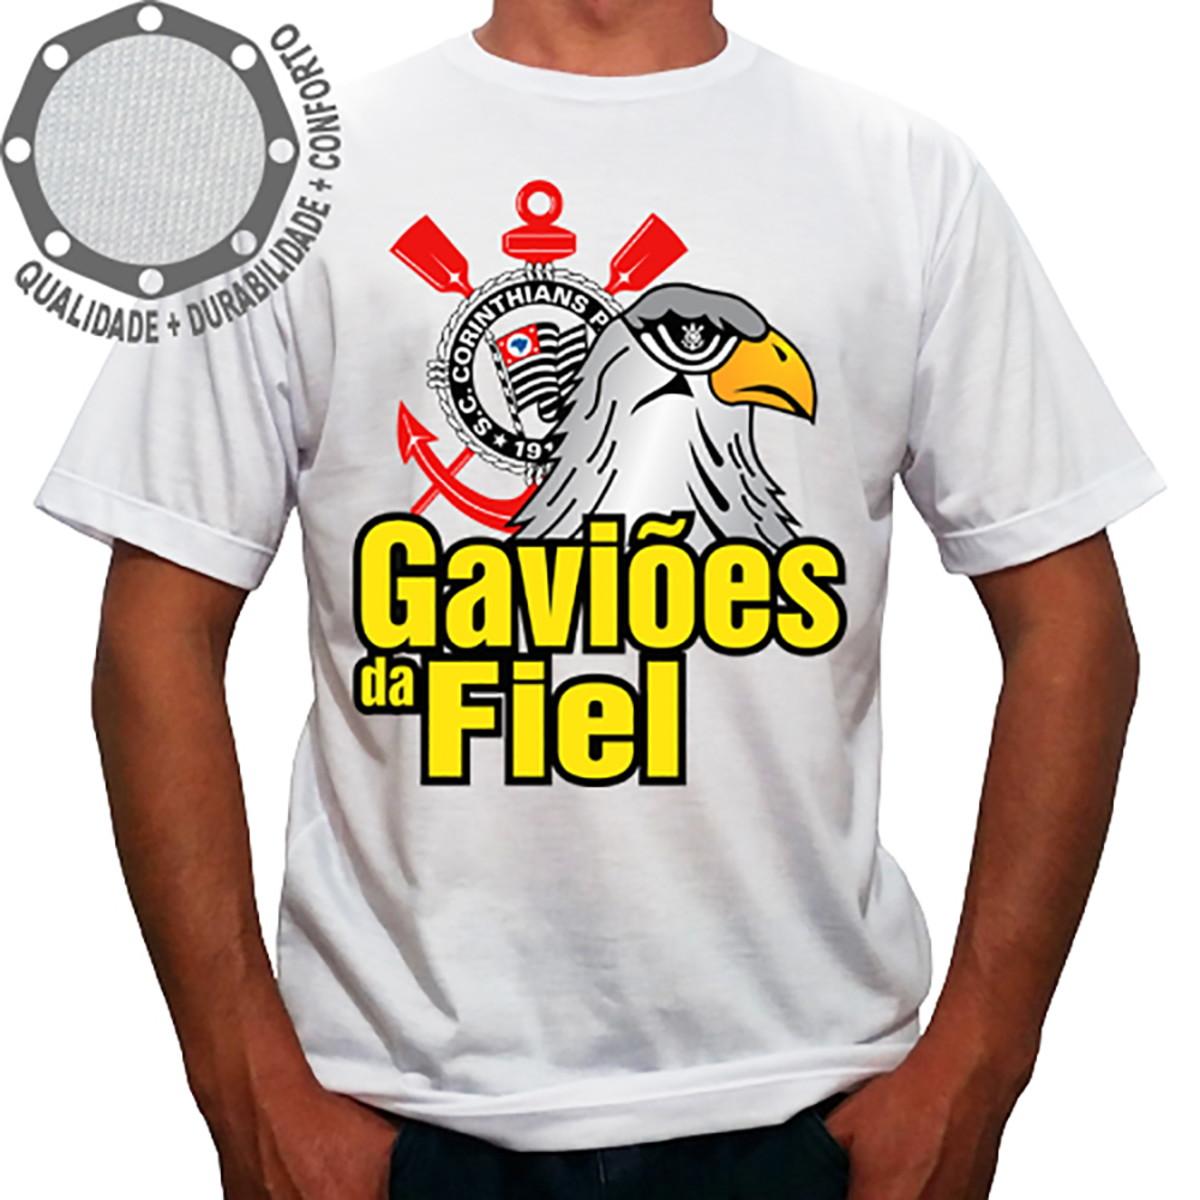 Camiseta Gaviões da Fiel no Elo7  738d230513415